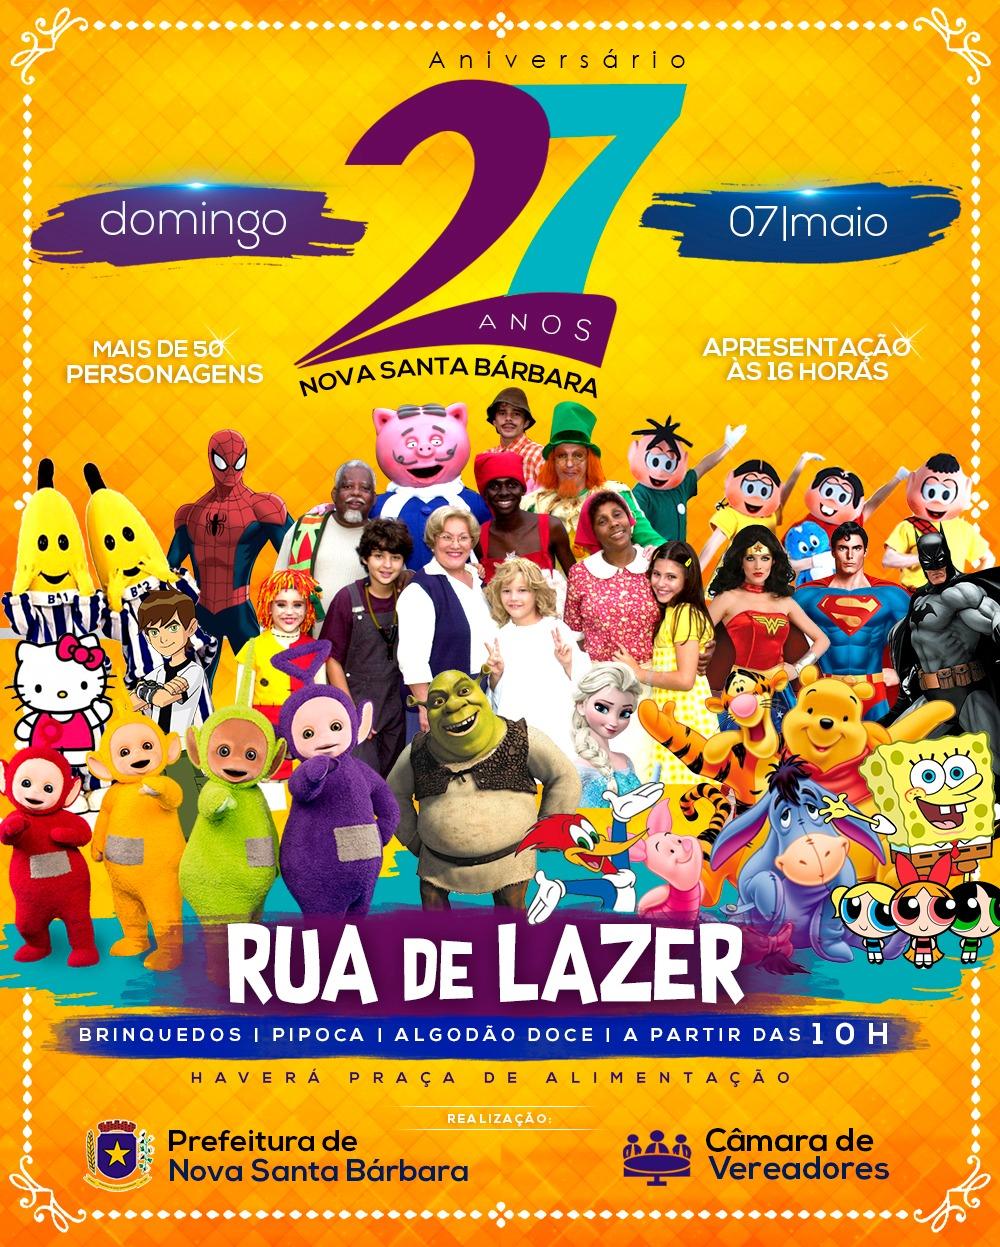 Rua de Lazer - Aniversario da Cidade